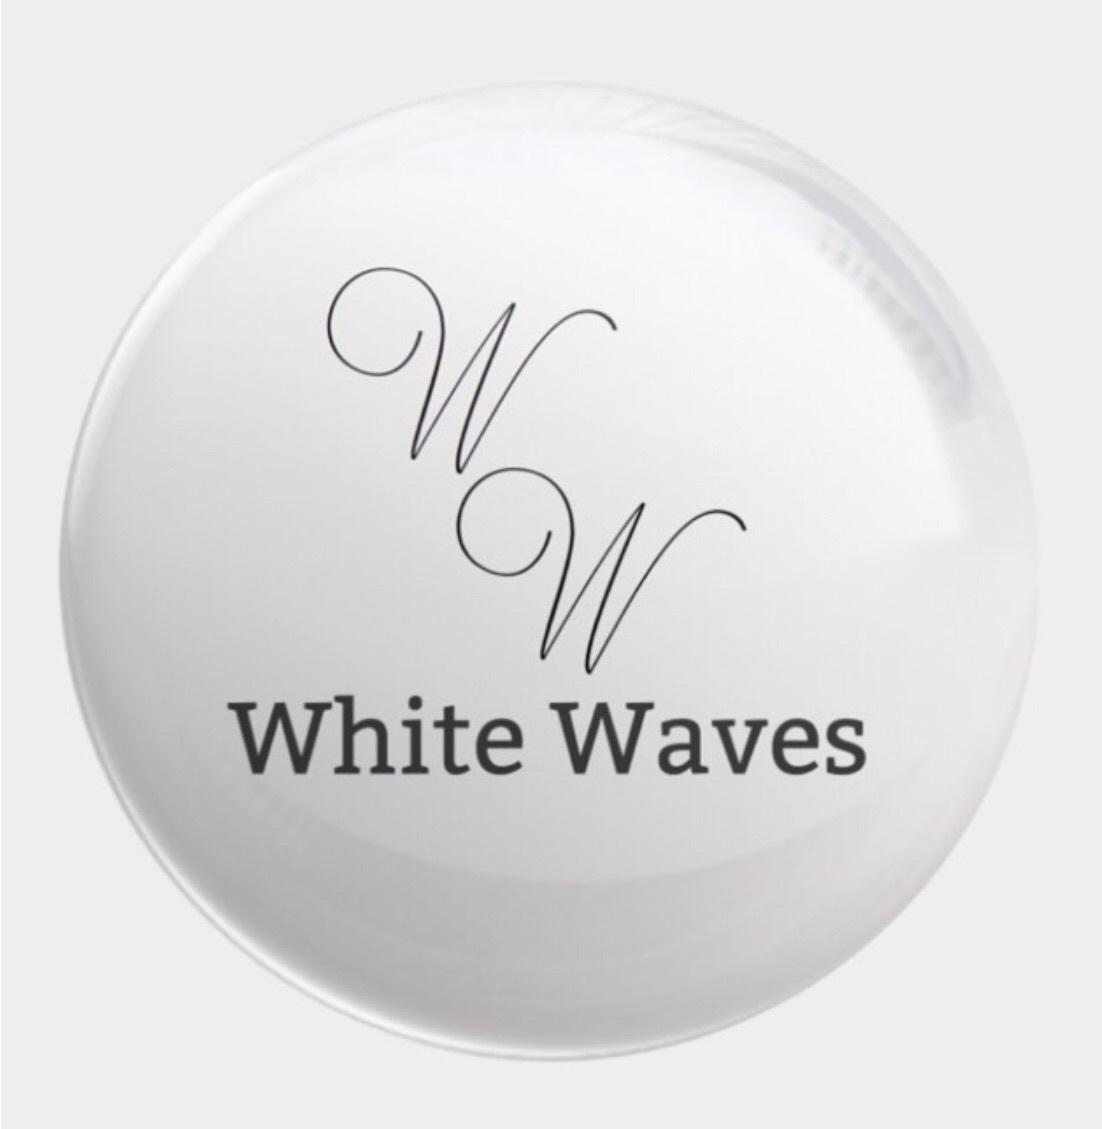 <White Wavesグッズコンプリートプラン>